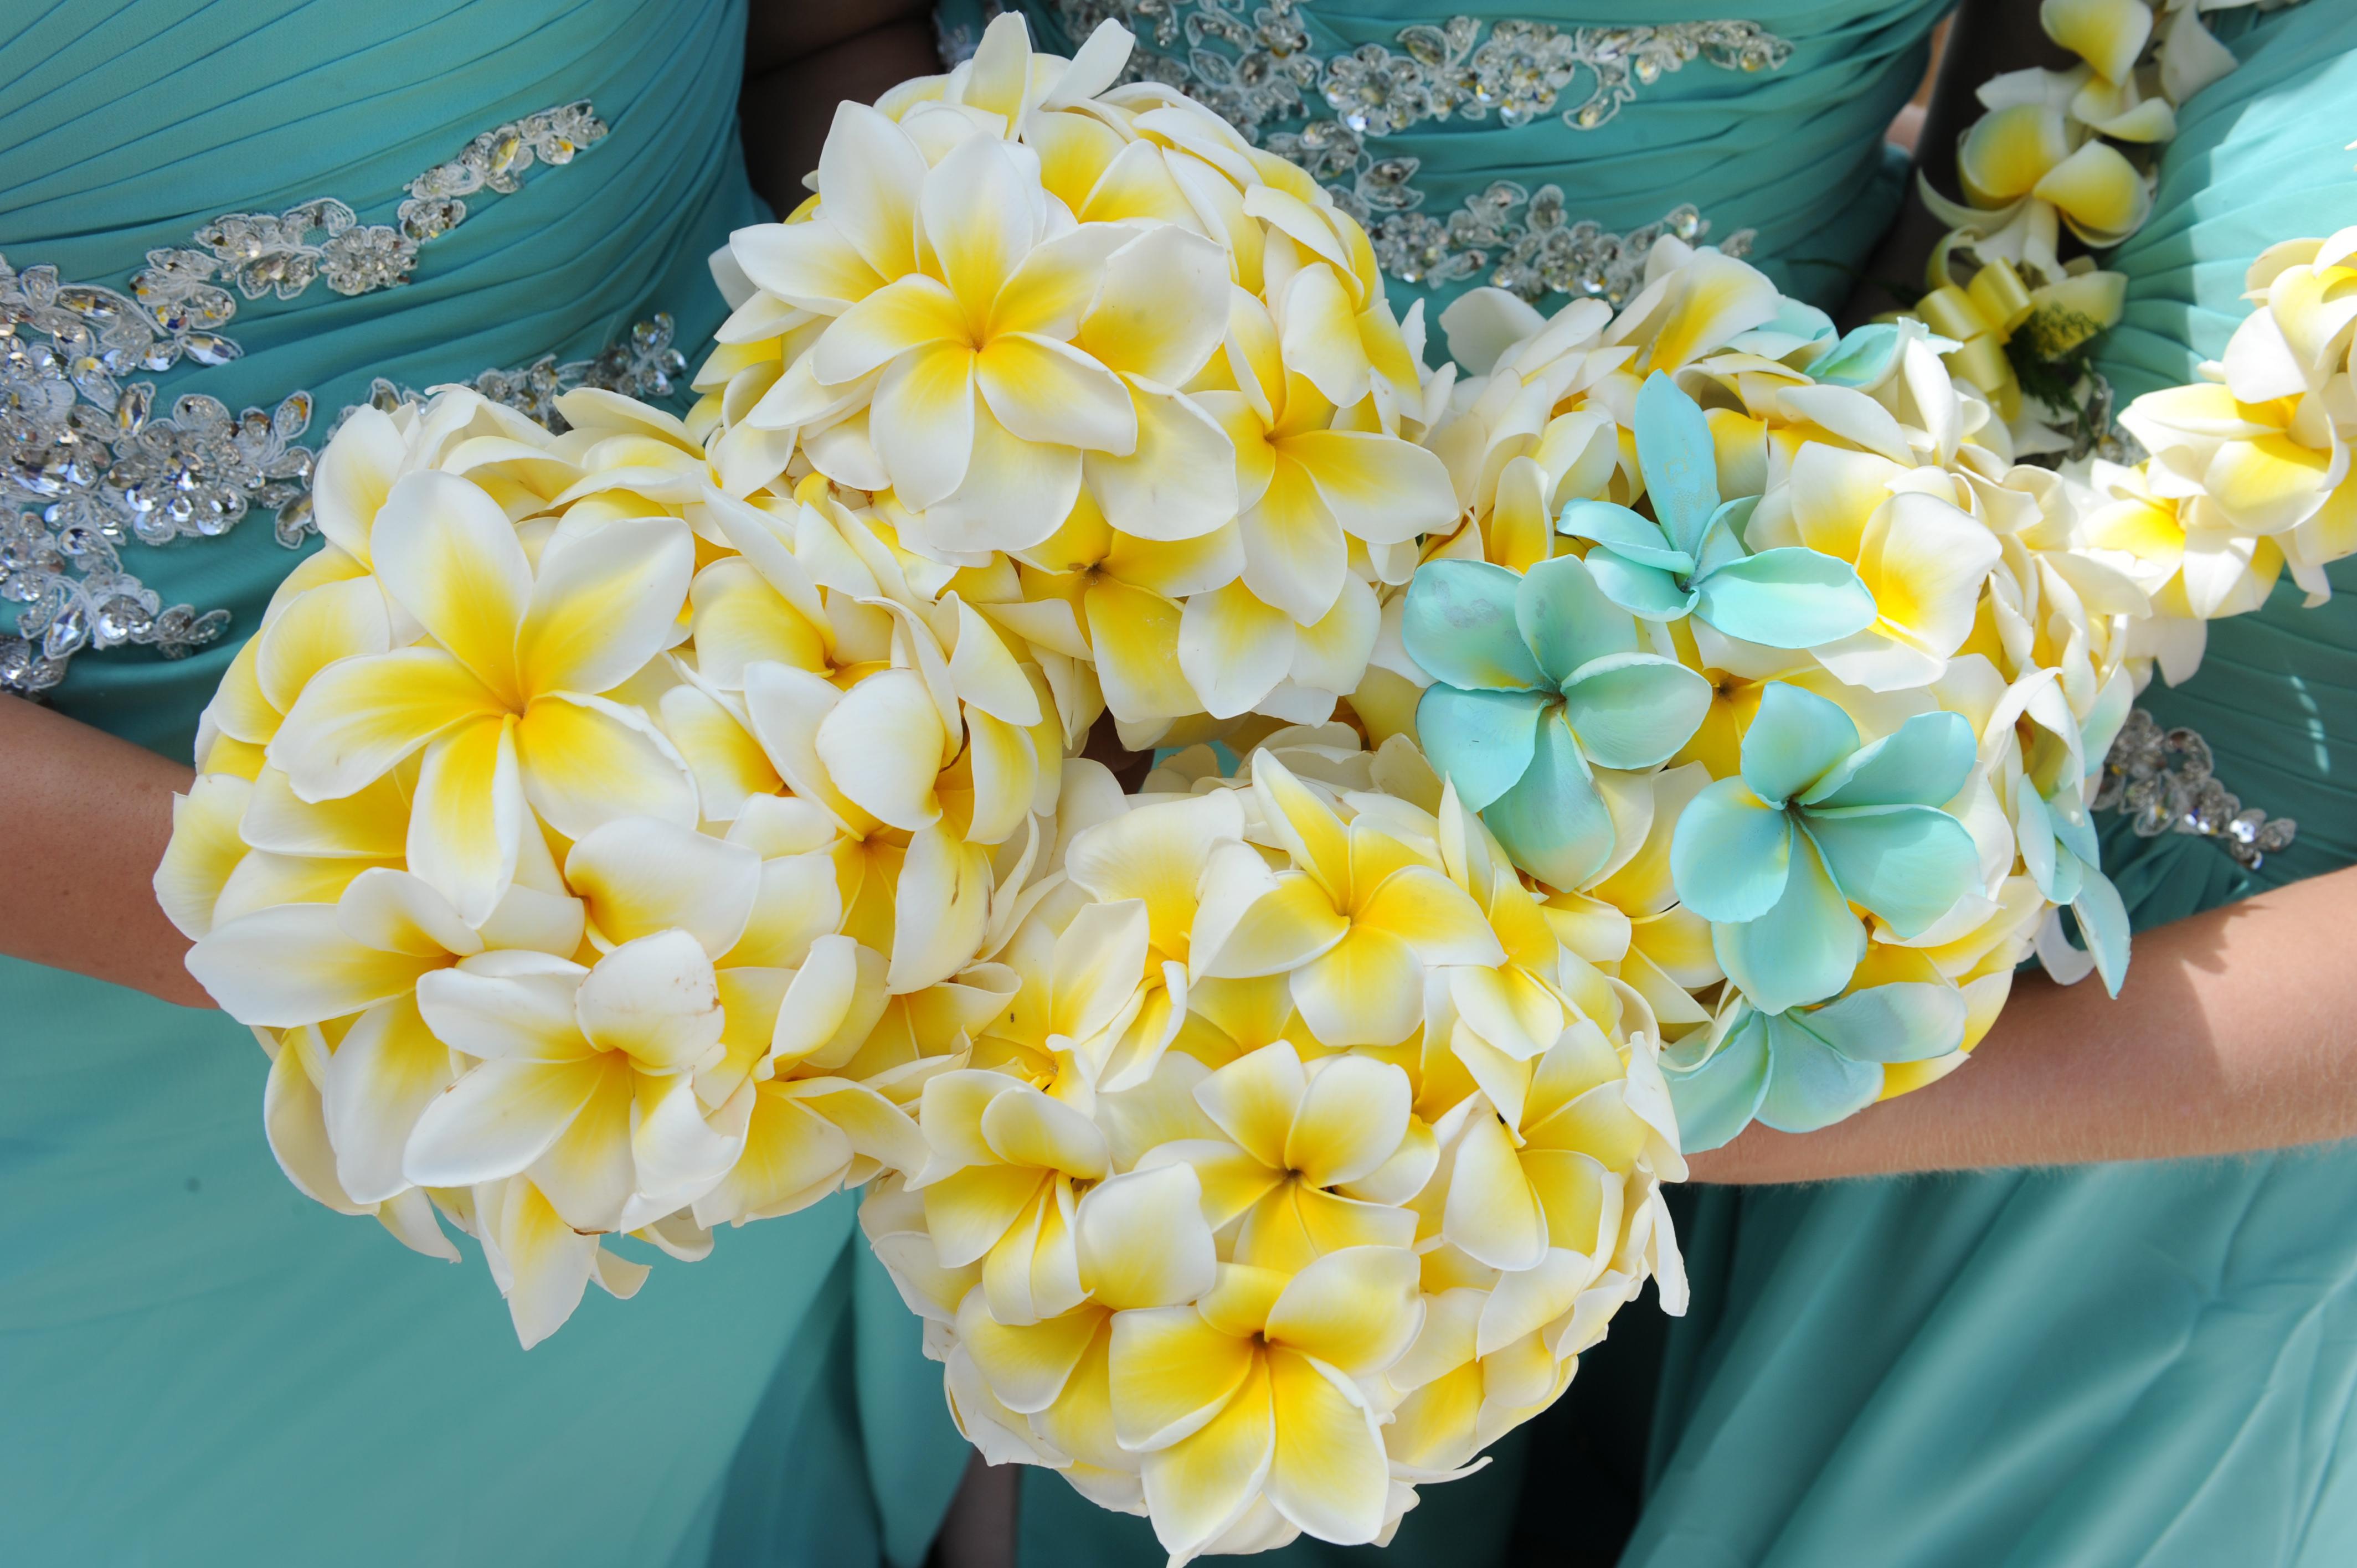 Alohaislandweddings.com- Hawaiian wedding in hawaii-153